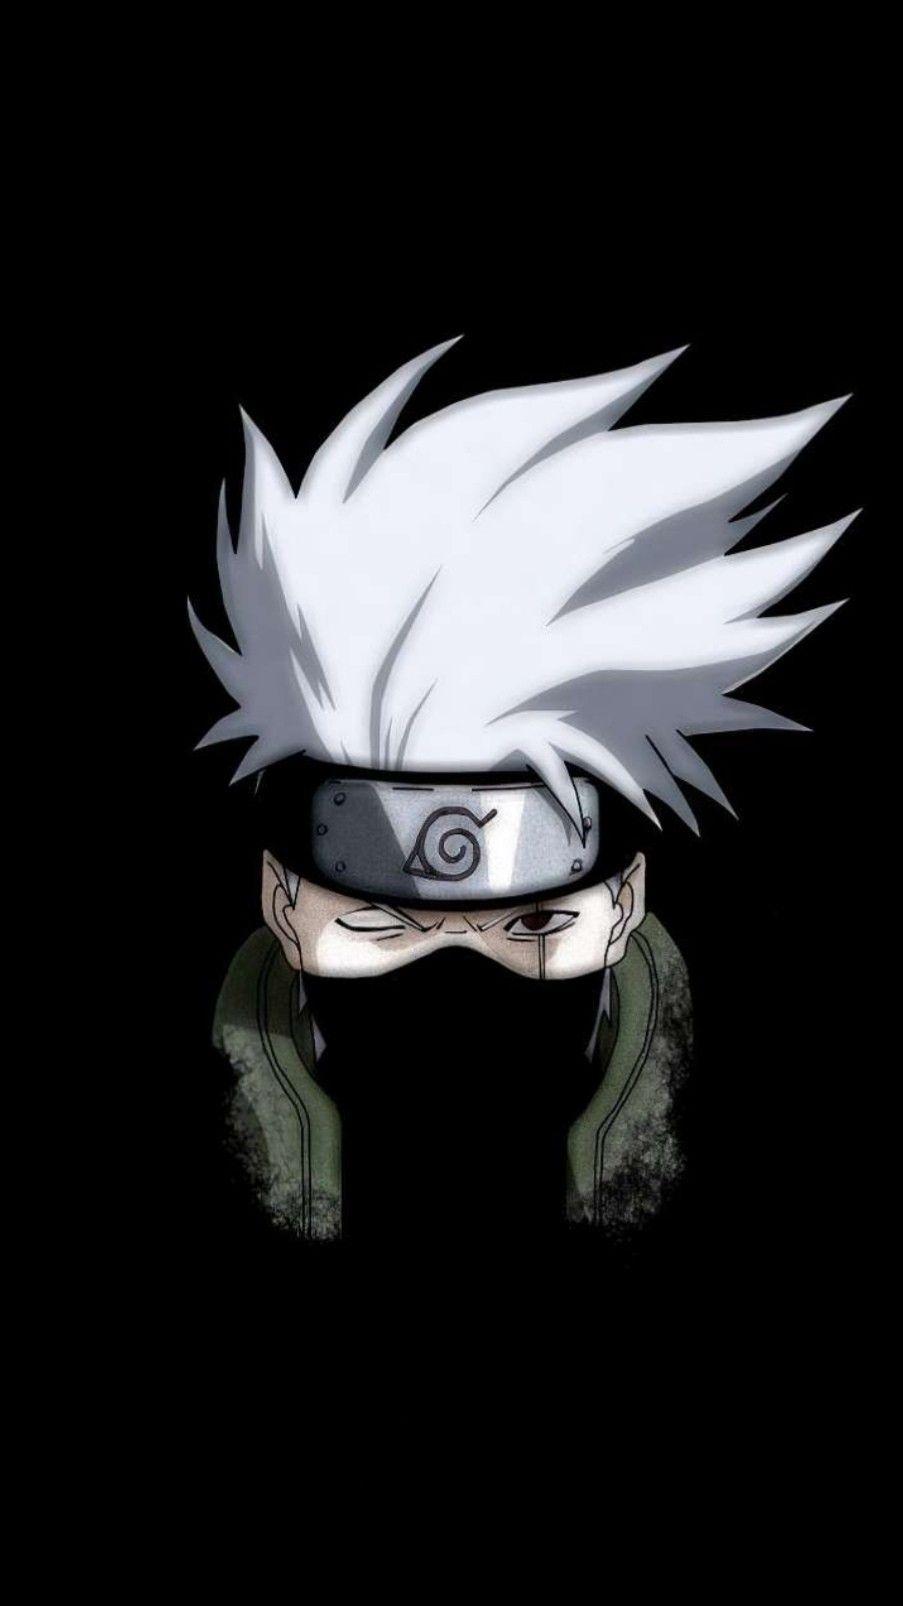 Kakashi Hatake Naruto In 2020